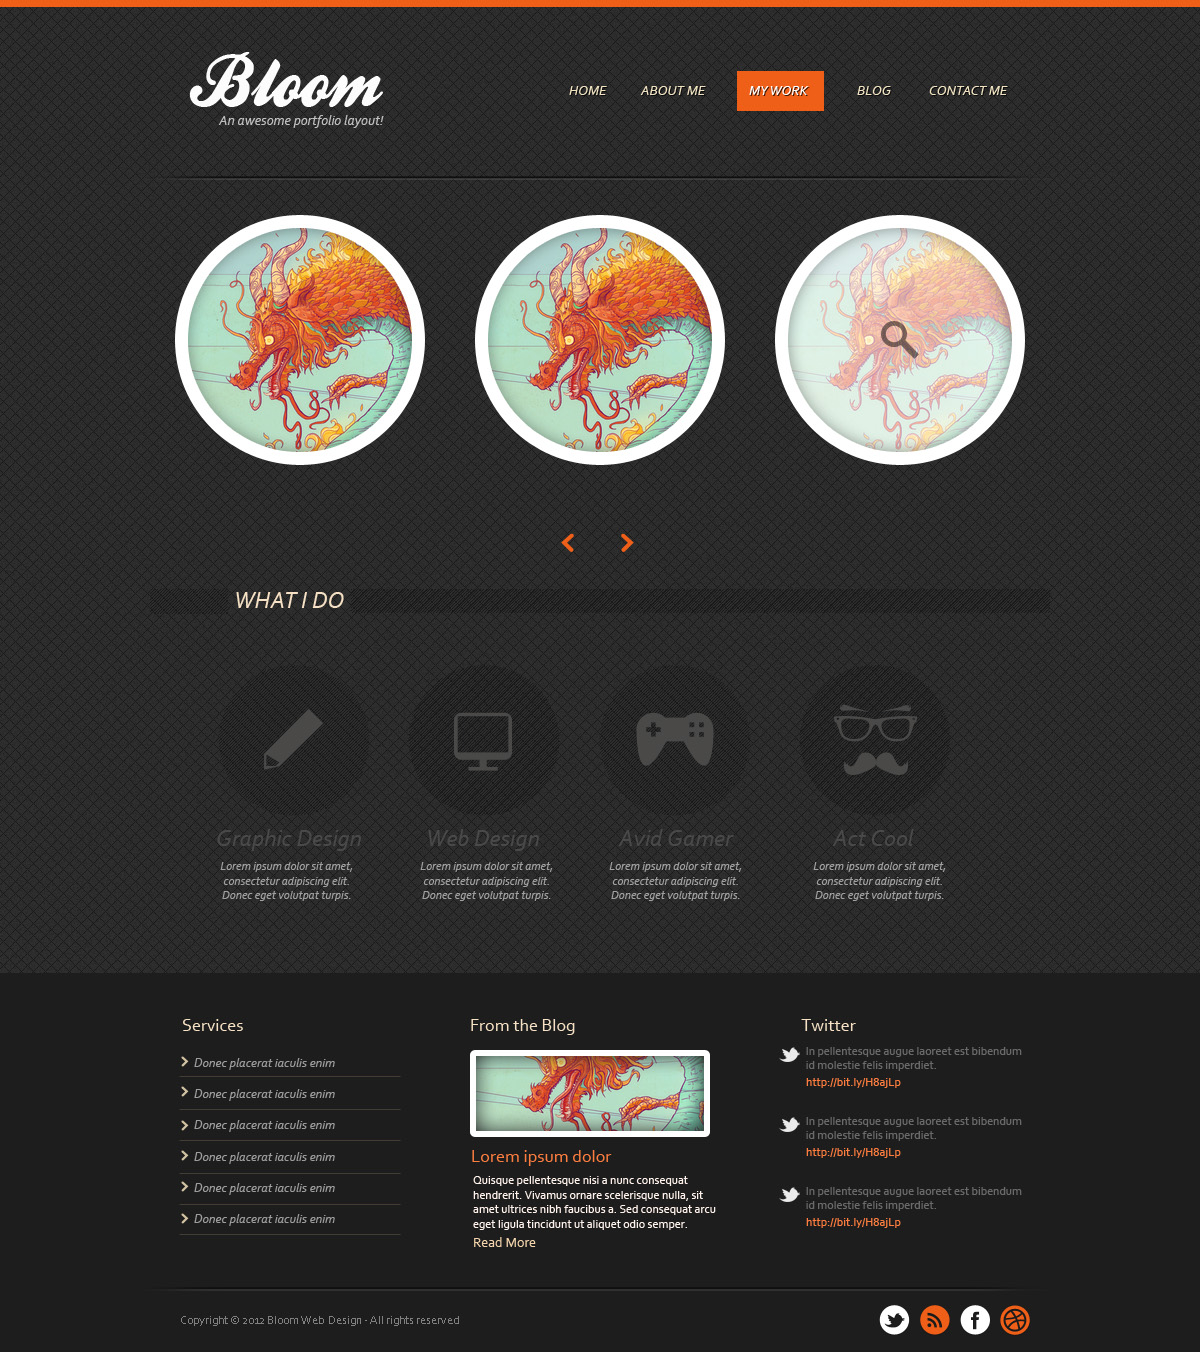 Design a dark textured portfolio template in photoshop free psd full post design a dark textured portfolio template in photoshop free psd maxwellsz